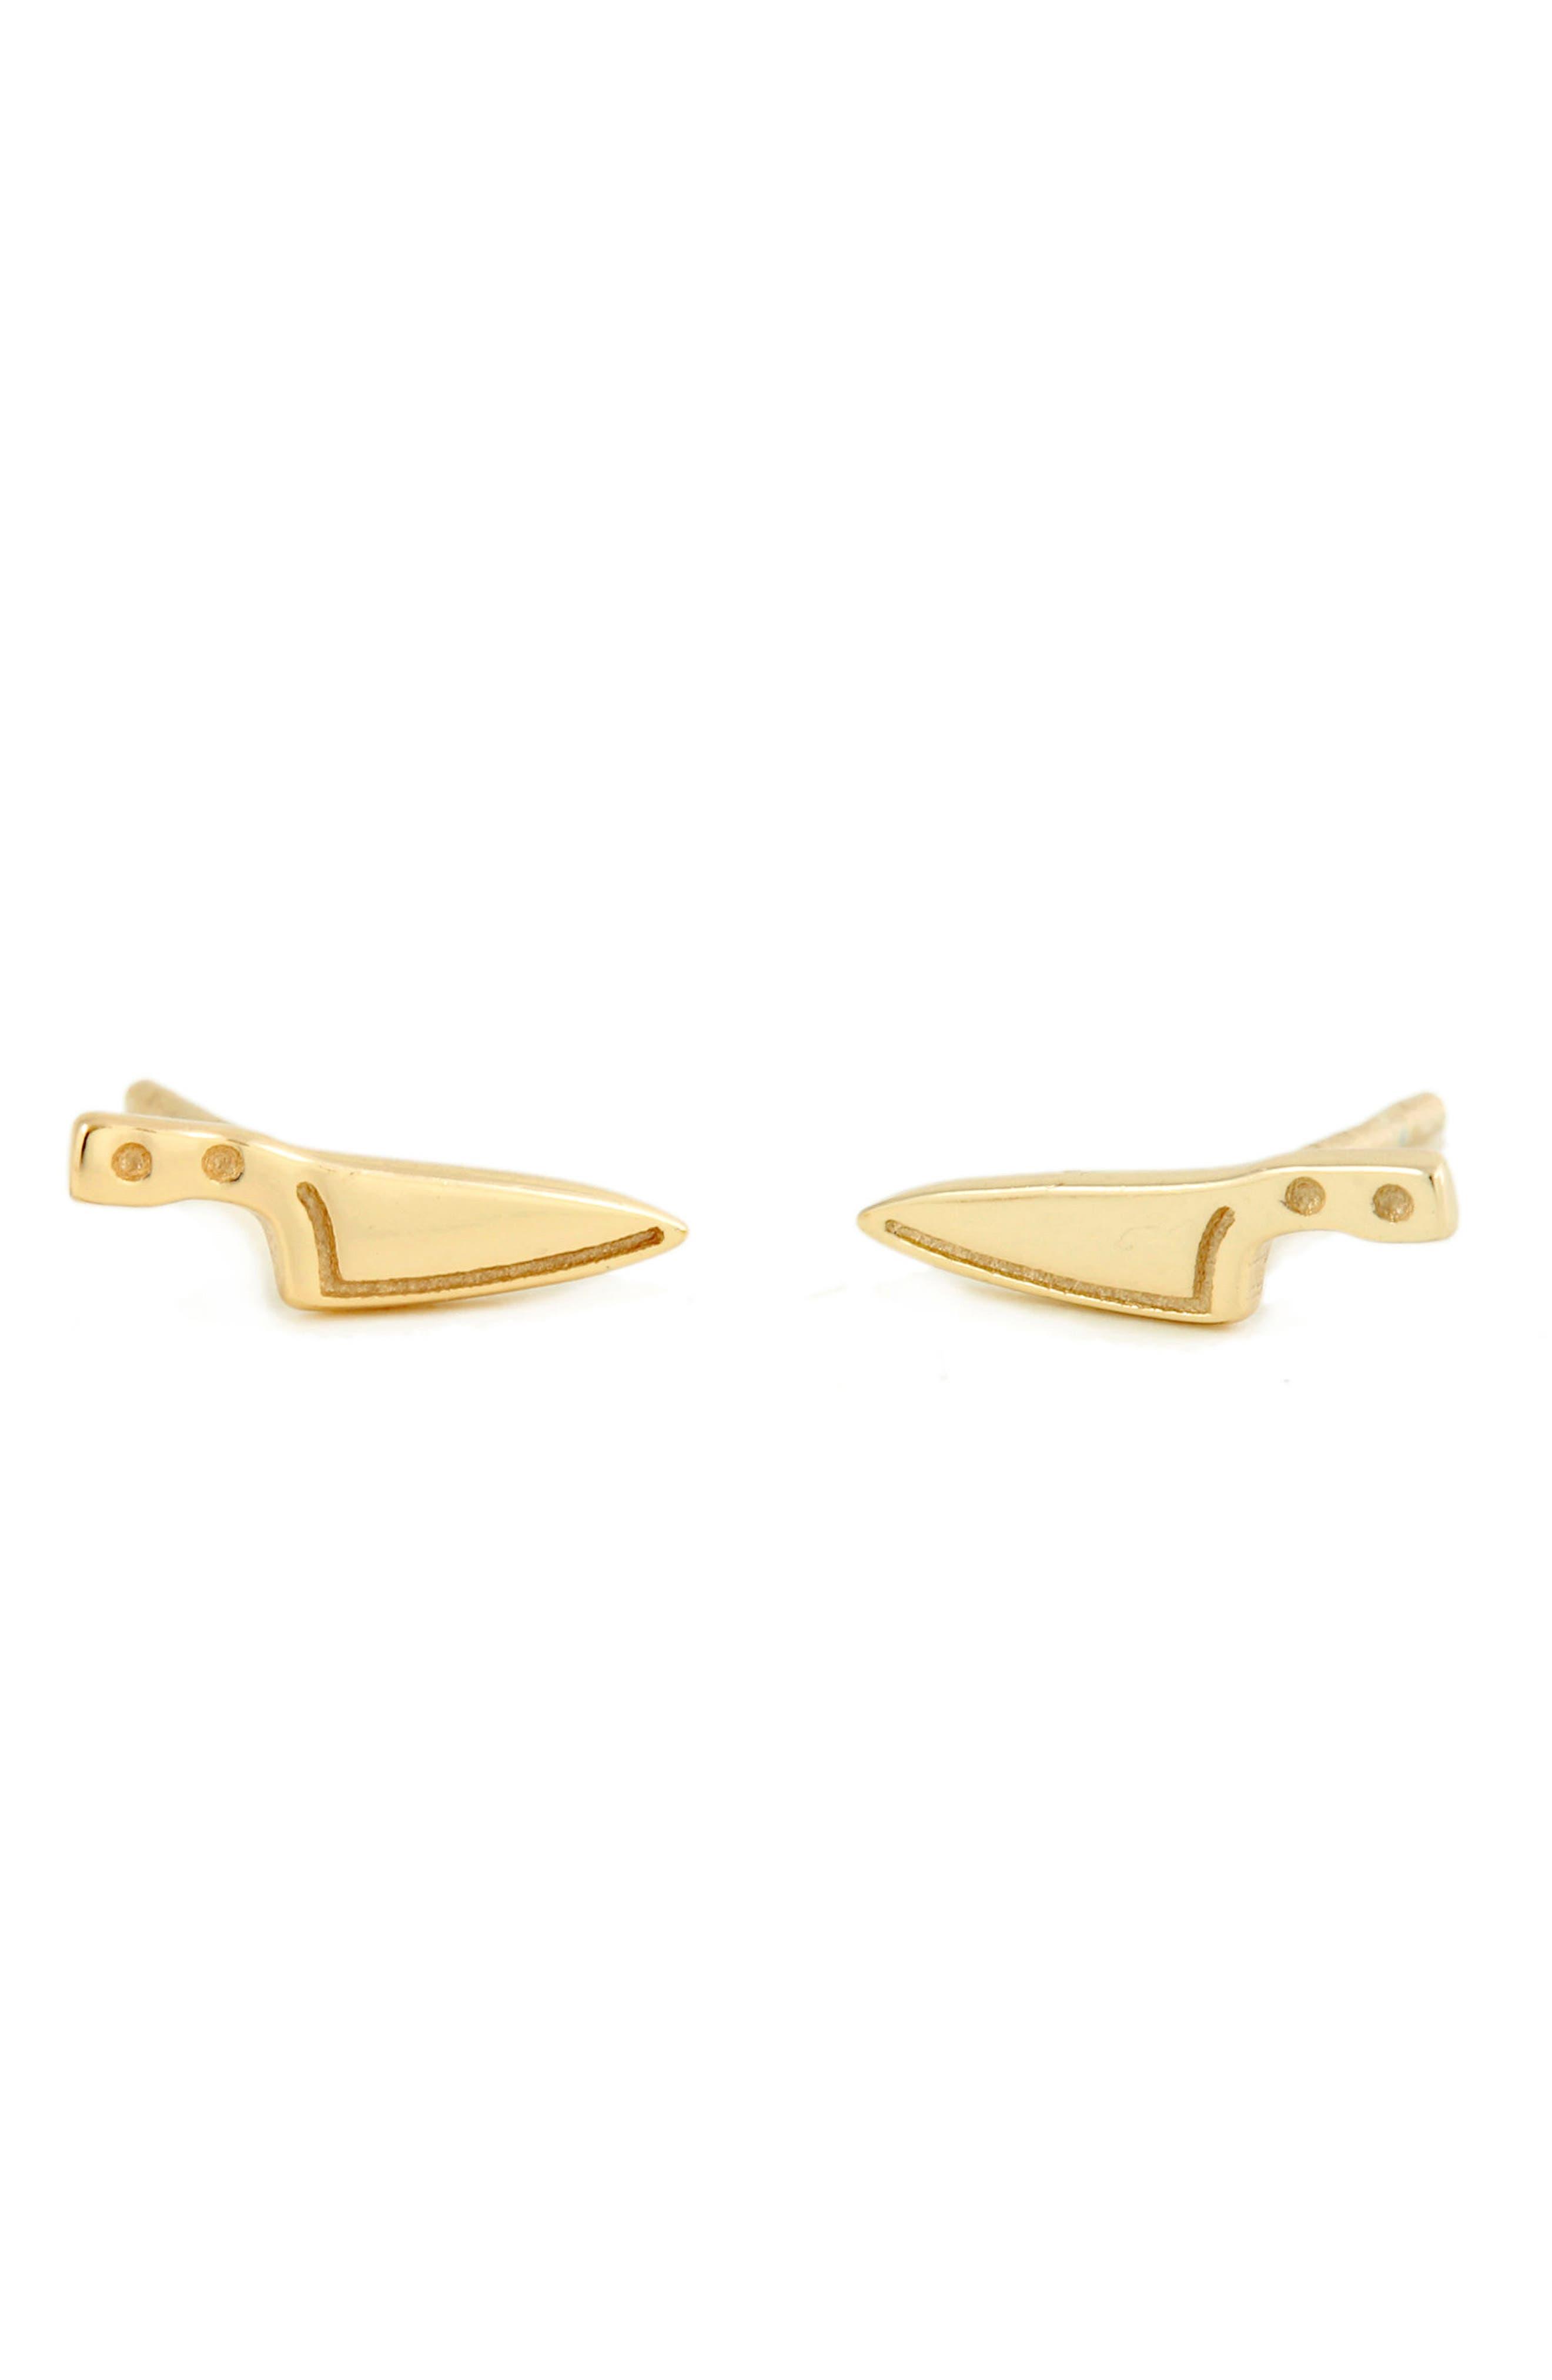 Kris Nations Knife Stud Earrings